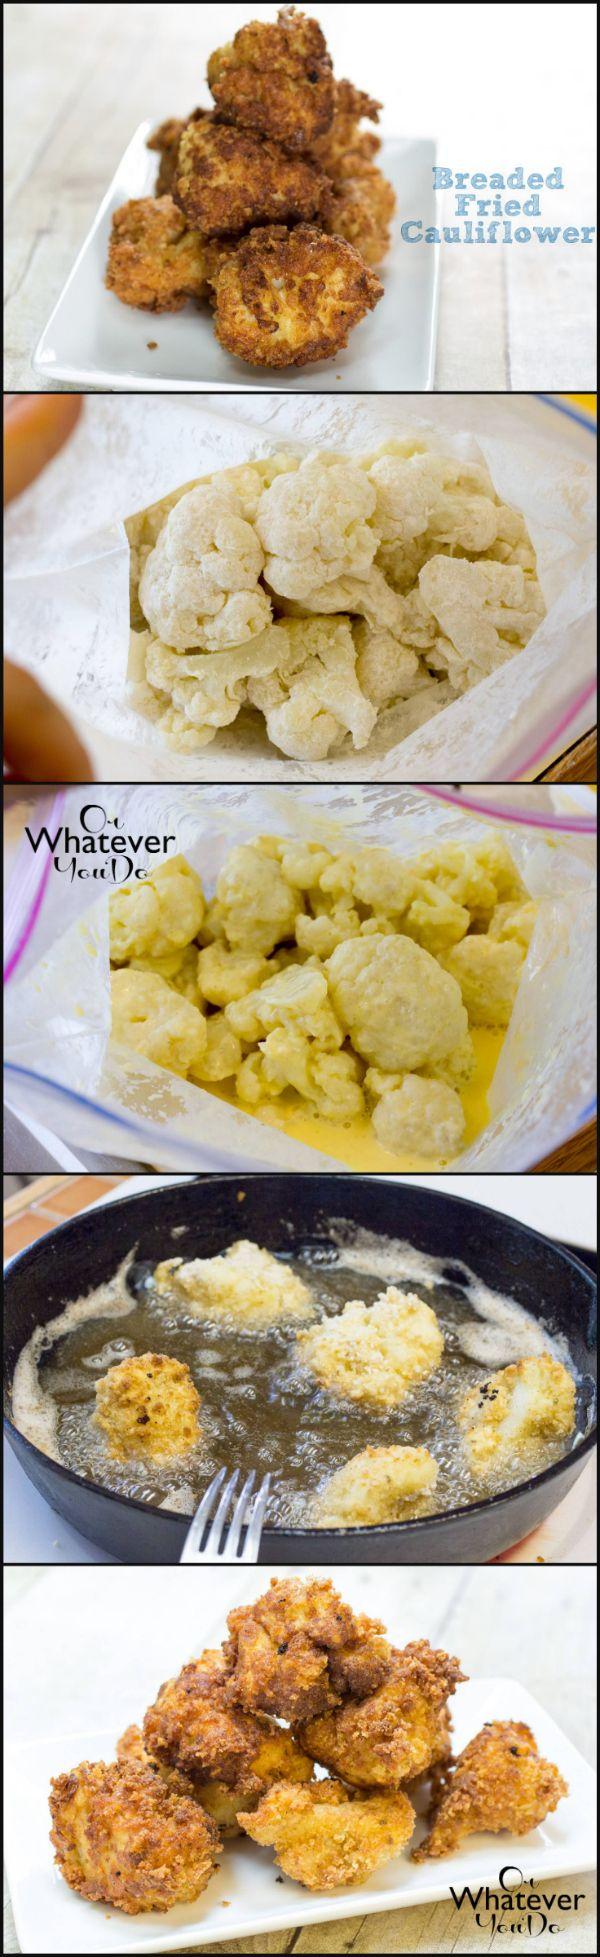 Breaded Fried Cauliflower I www.orwhateveryoudo.com I #recipe #appetizer #cauliflower